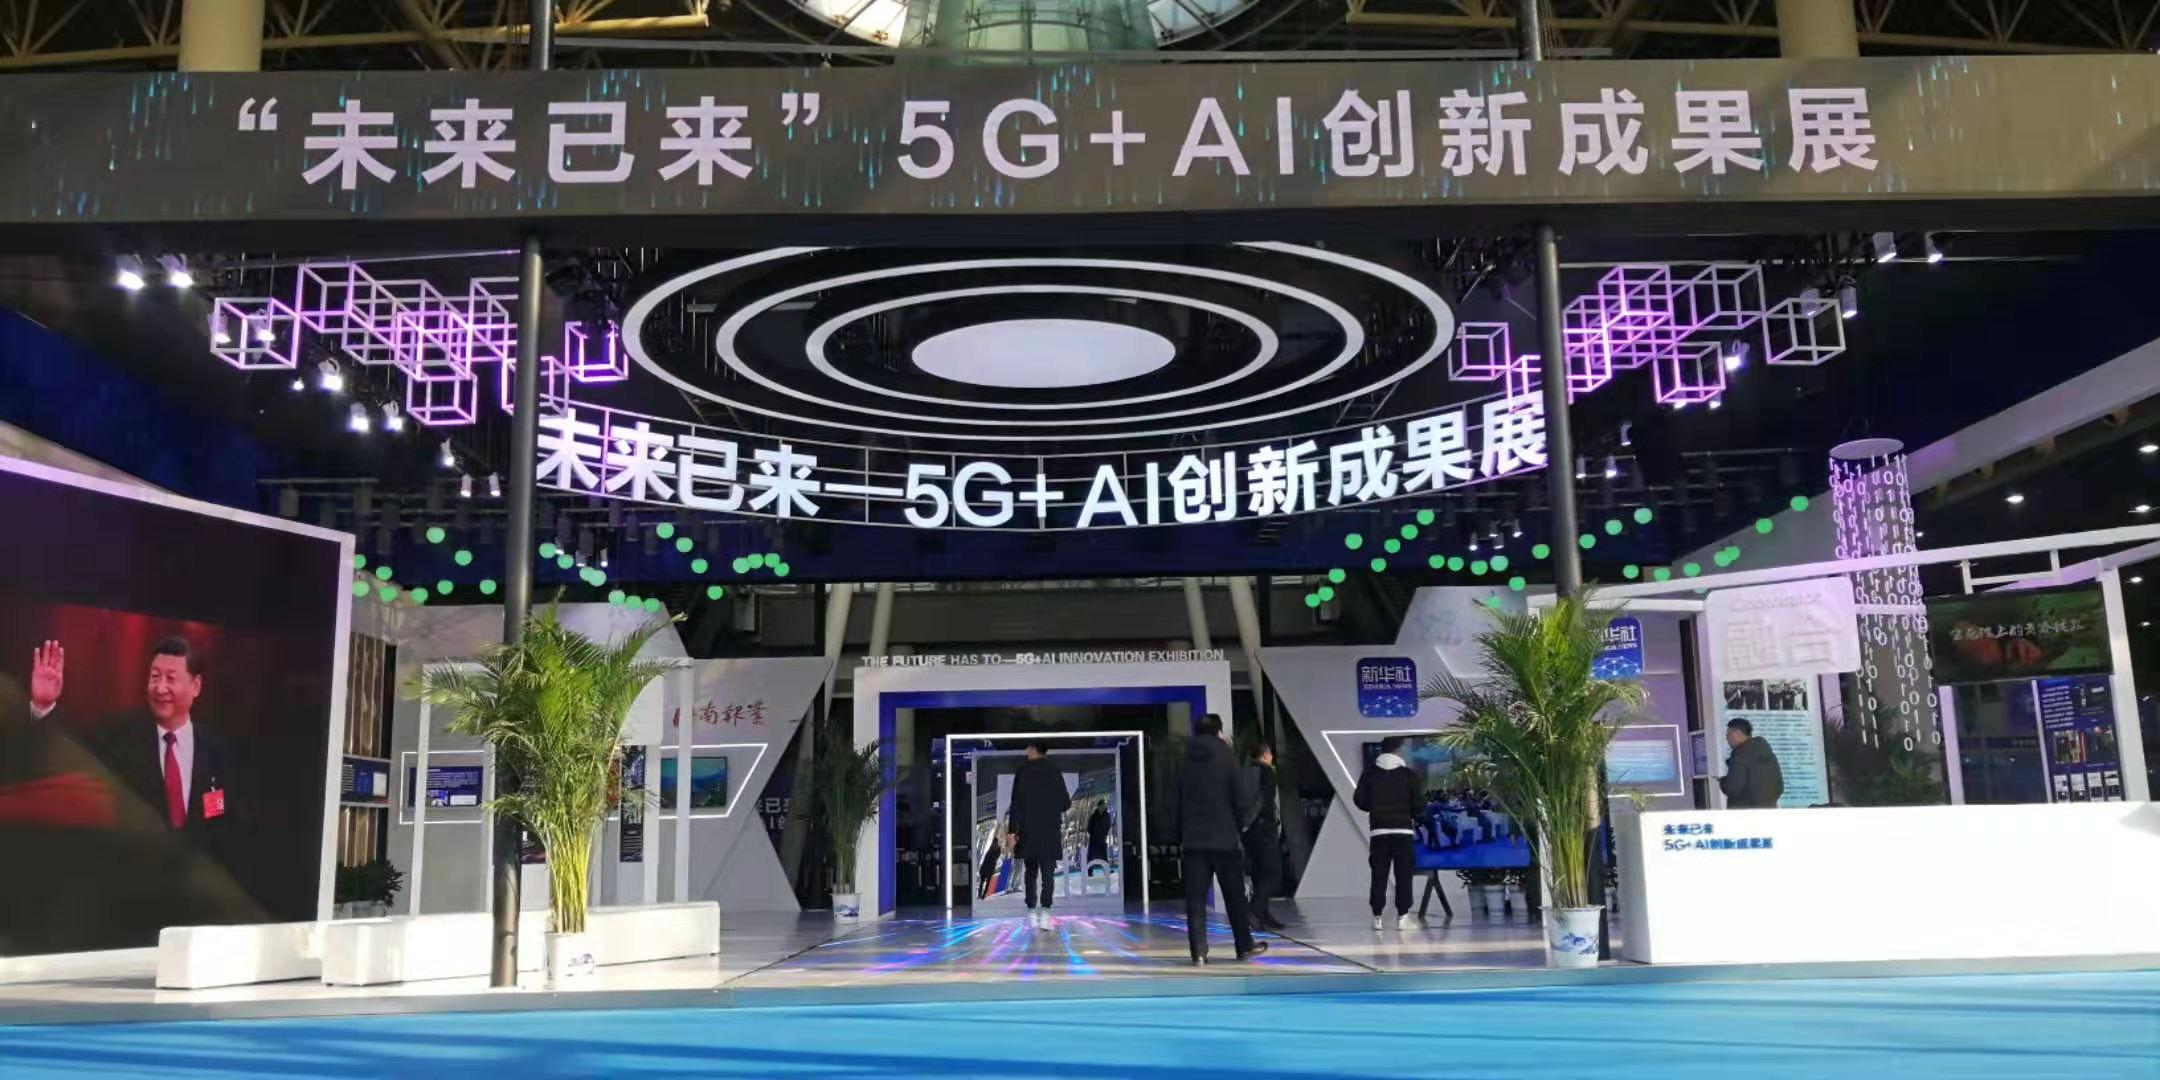 未来已来丨无人智能洗车,5G+AI时代发展新趋势